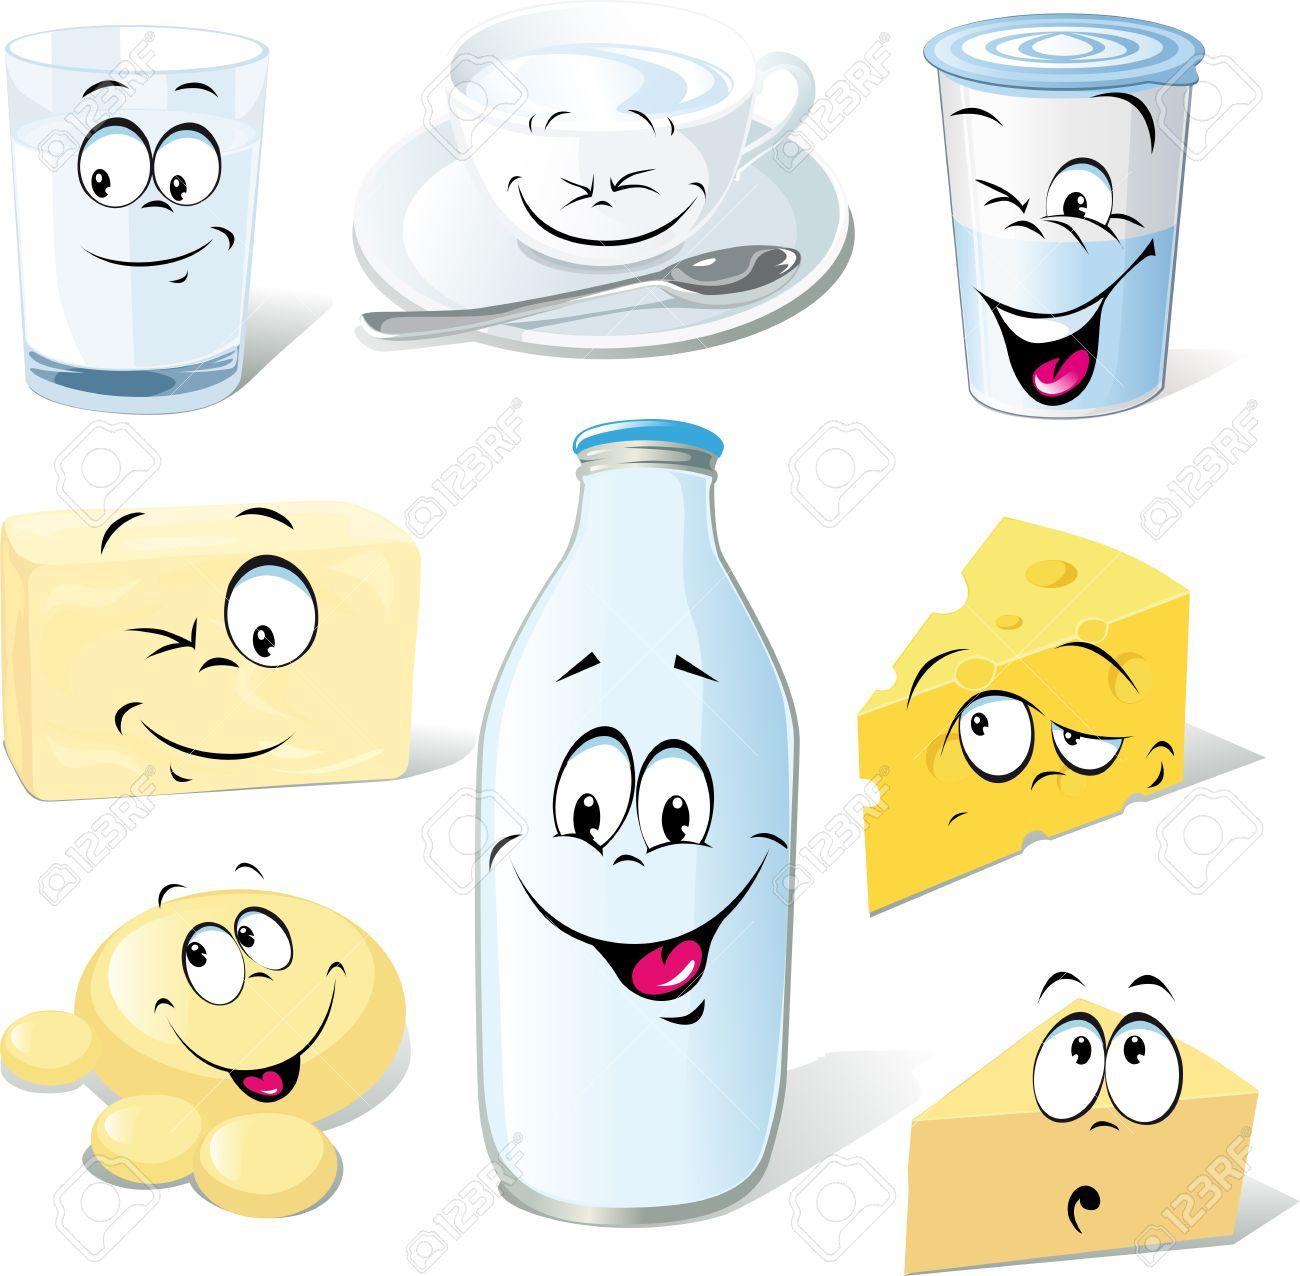 Dibujos Animados De Productos Lácteos Leche Queso Mantequilla Y